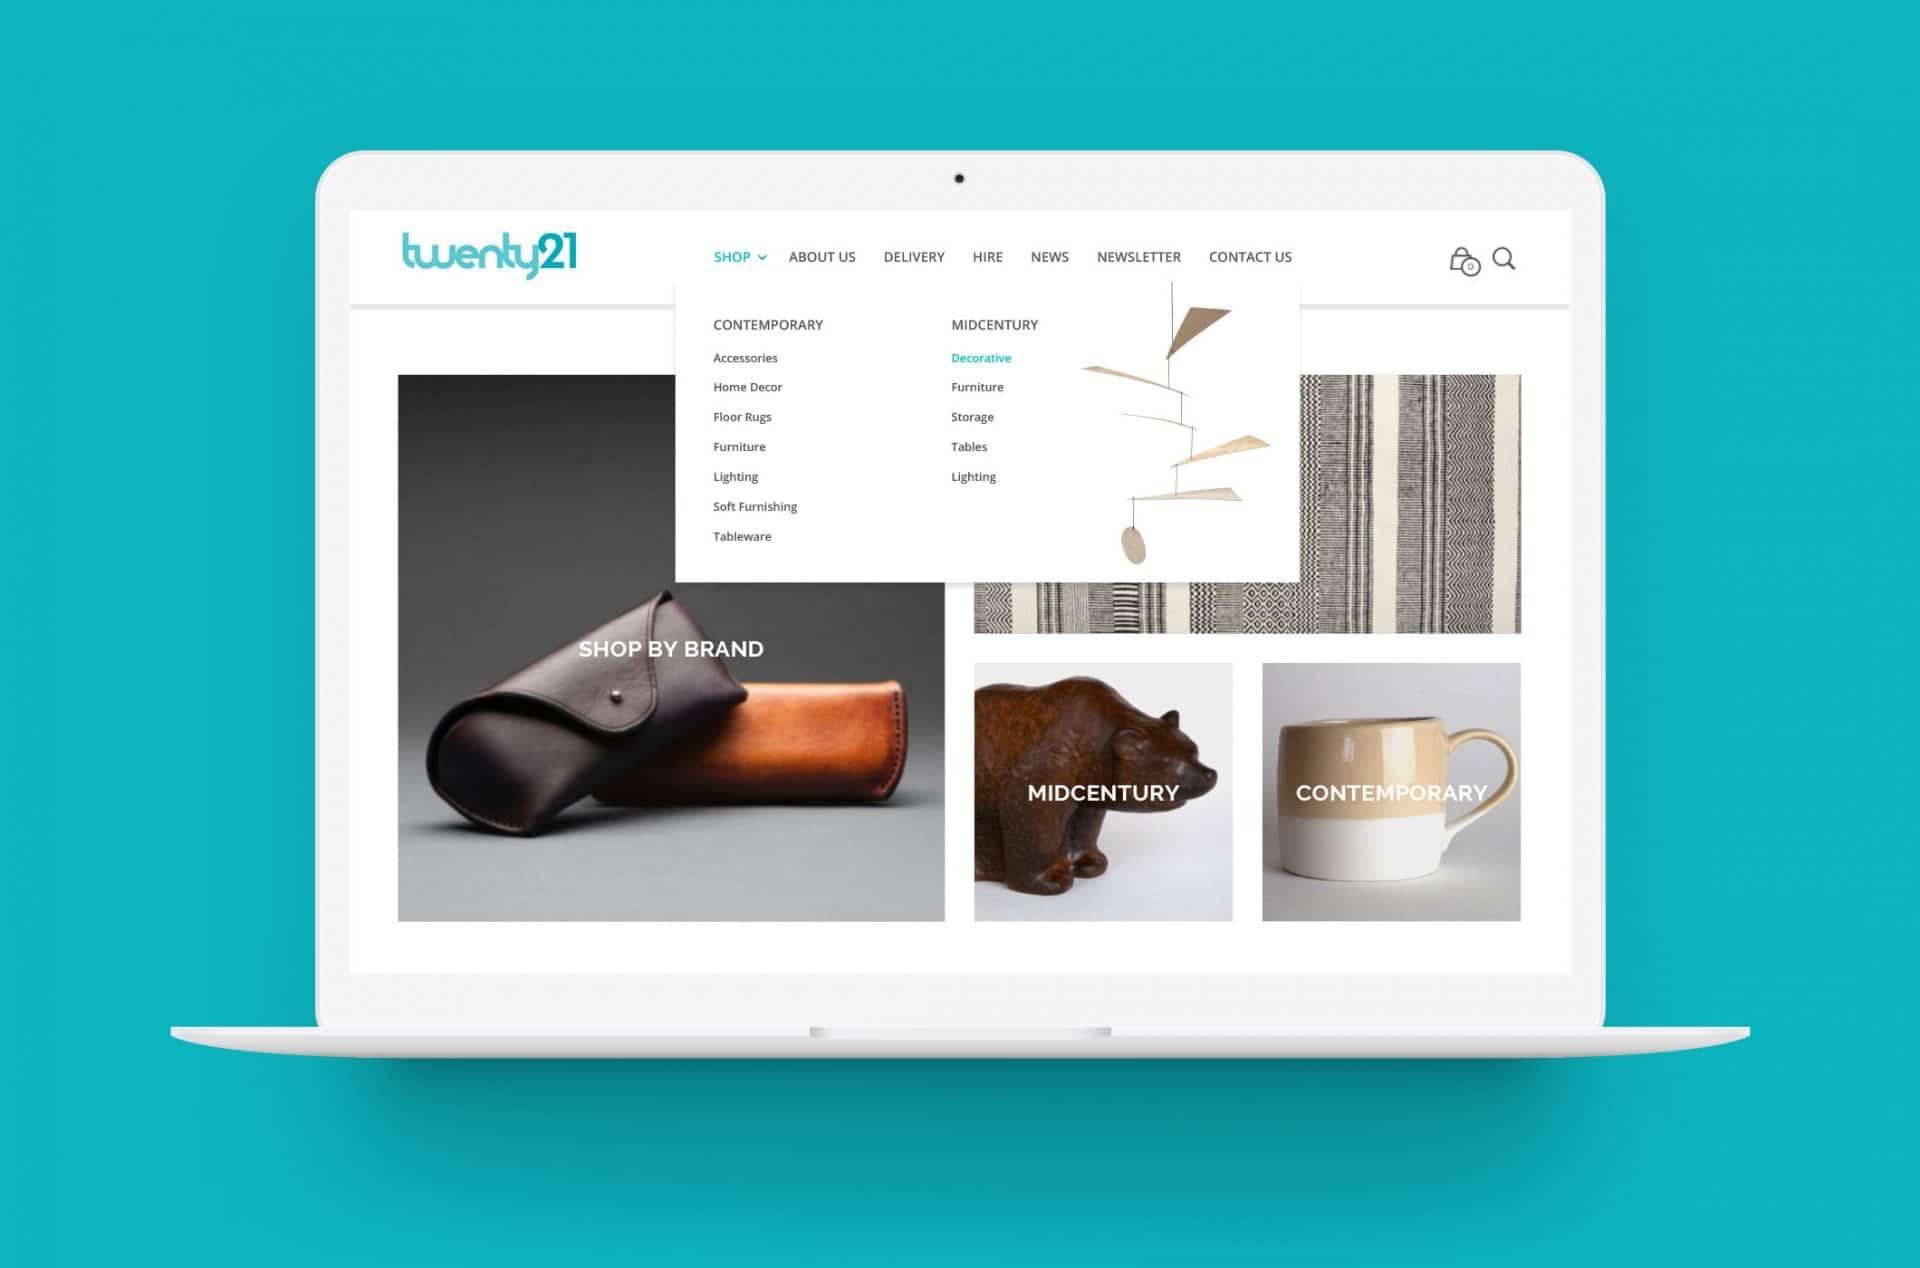 Twenty21 homepage desktop design on Macbook